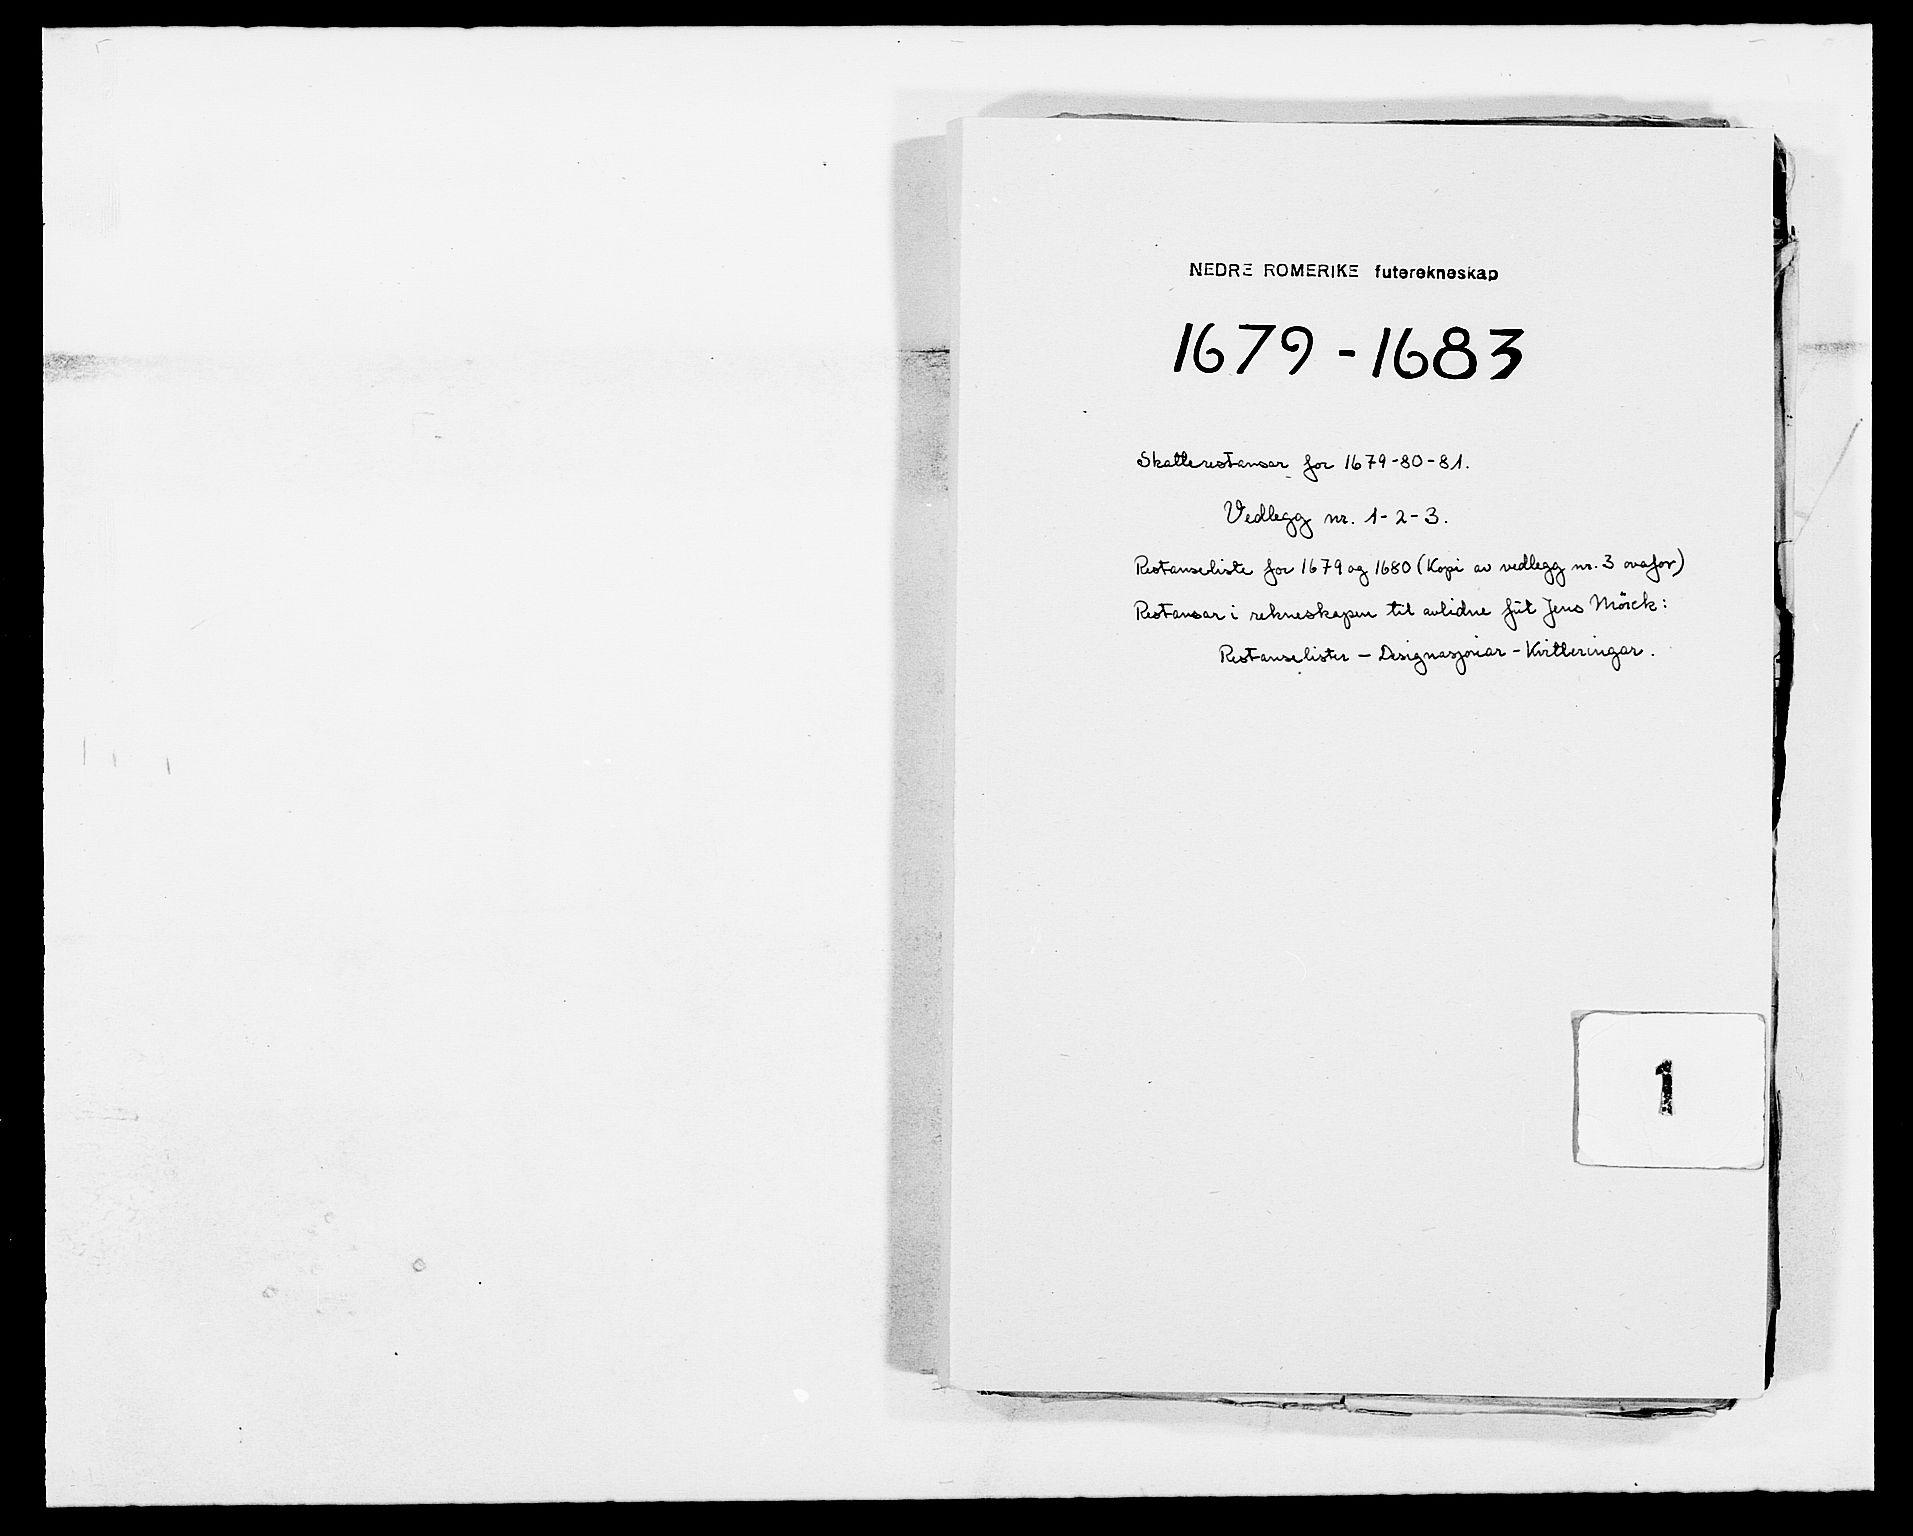 RA, Rentekammeret inntil 1814, Reviderte regnskaper, Fogderegnskap, R11/L0573: Fogderegnskap Nedre Romerike, 1679-1688, s. 195